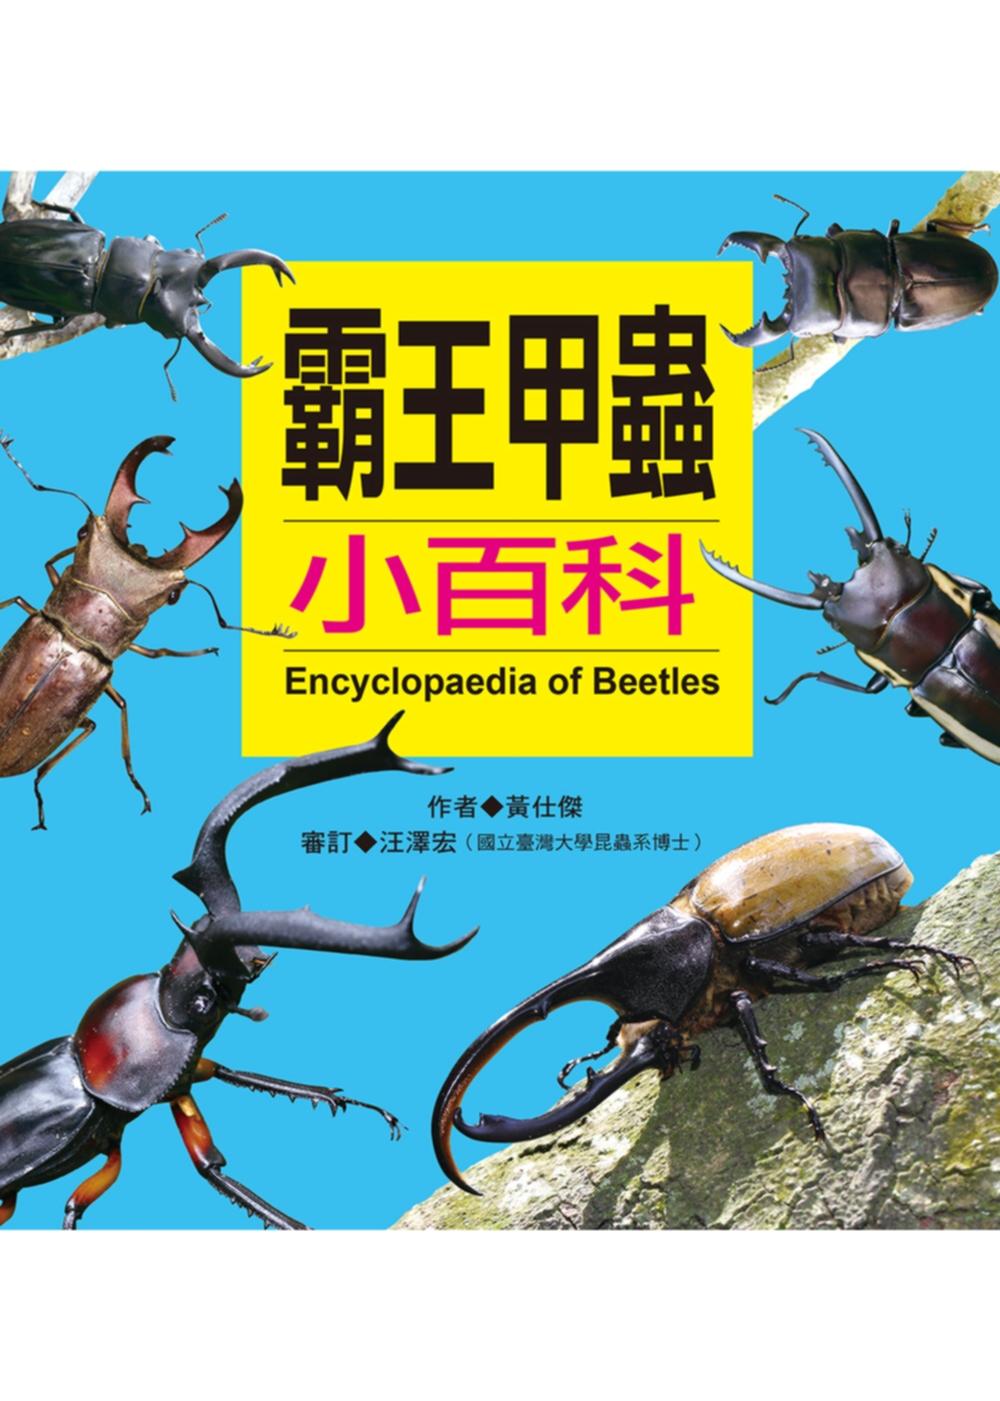 霸王甲蟲小百科(新版)